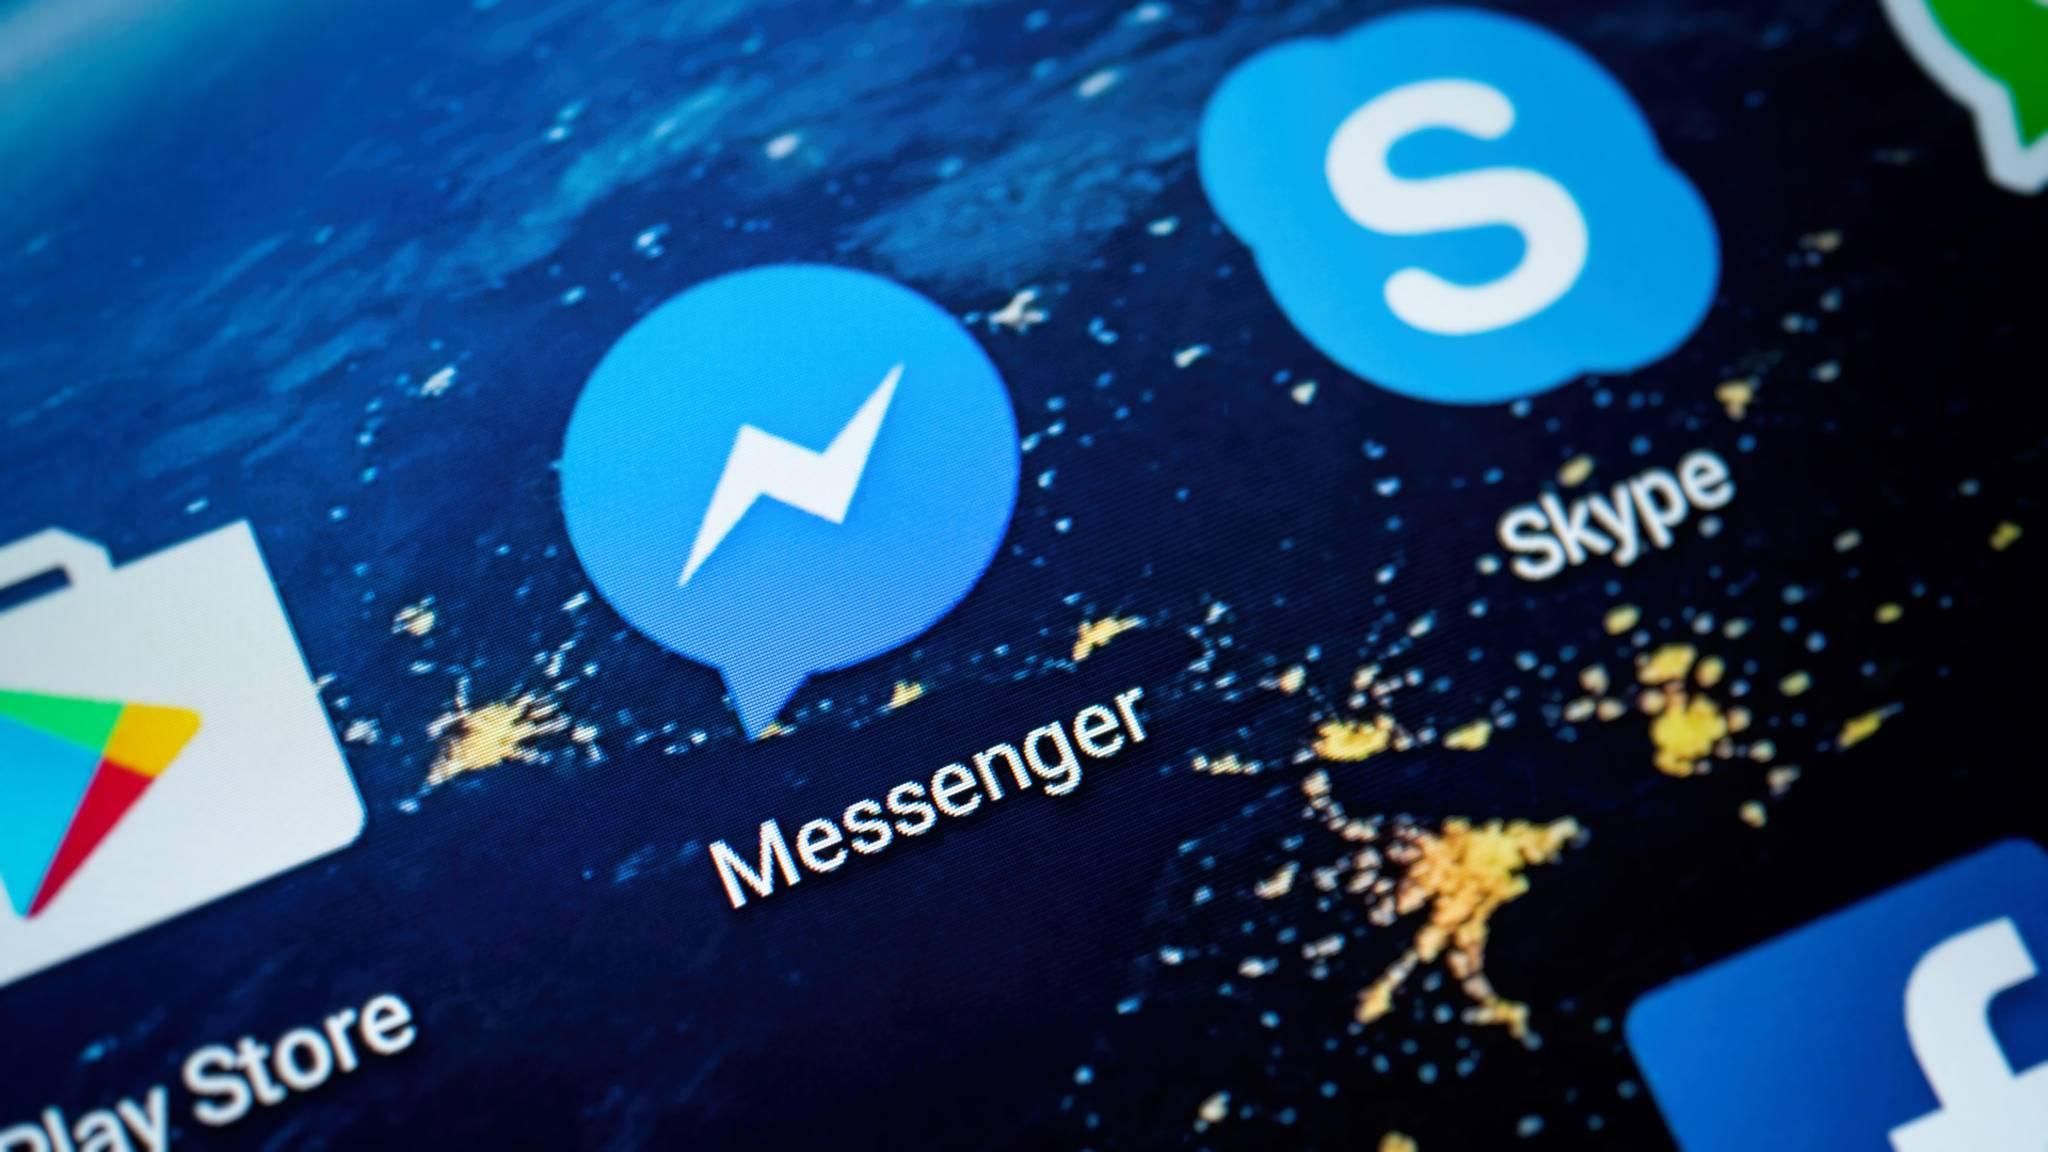 Freunde finden leicht gemacht: Teile einfach Deinen aktuellen Standort mit ihnen im Facebook Messenger.